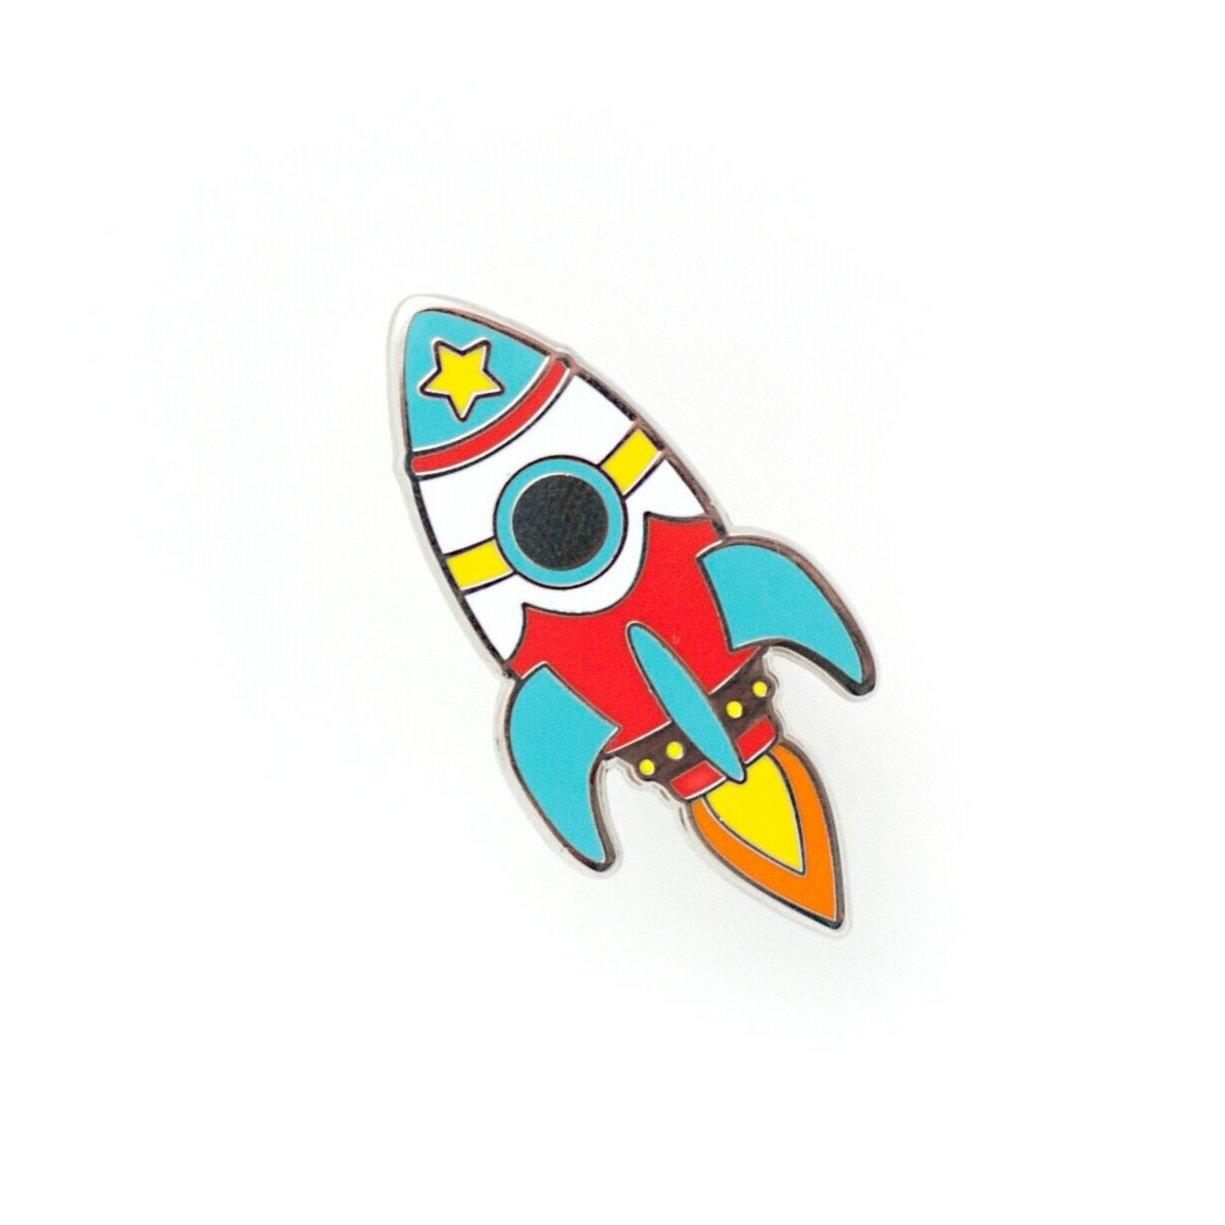 P22 - Rocket Pin - Bright